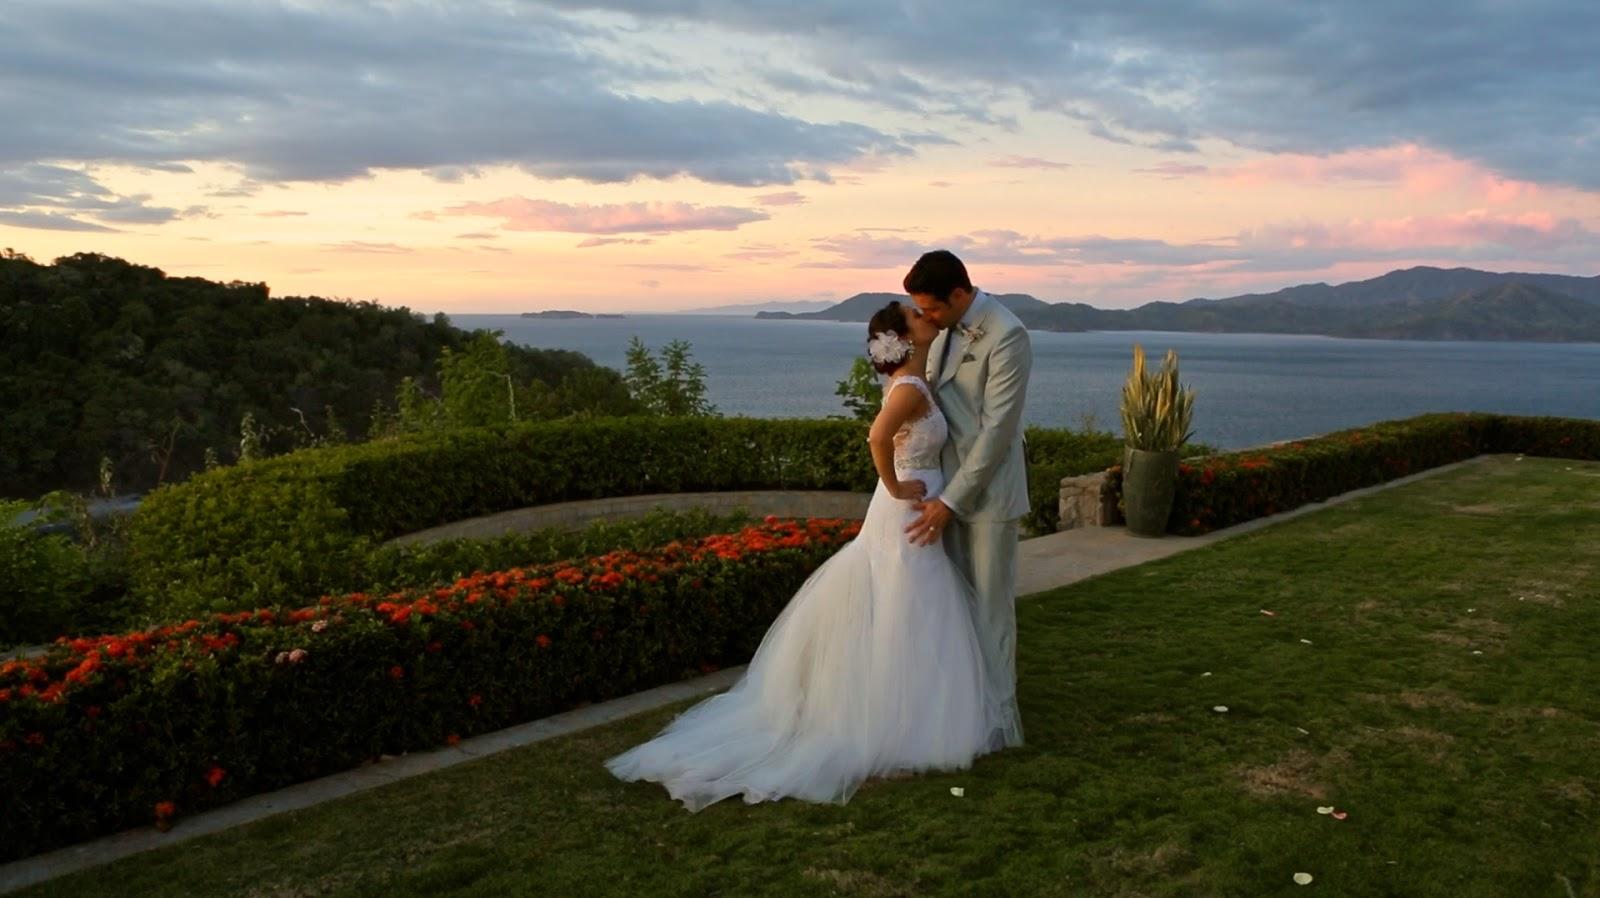 Australian Wedding Gifts For Overseas: Joe Simon Wedding Films- International Wedding Cinematography